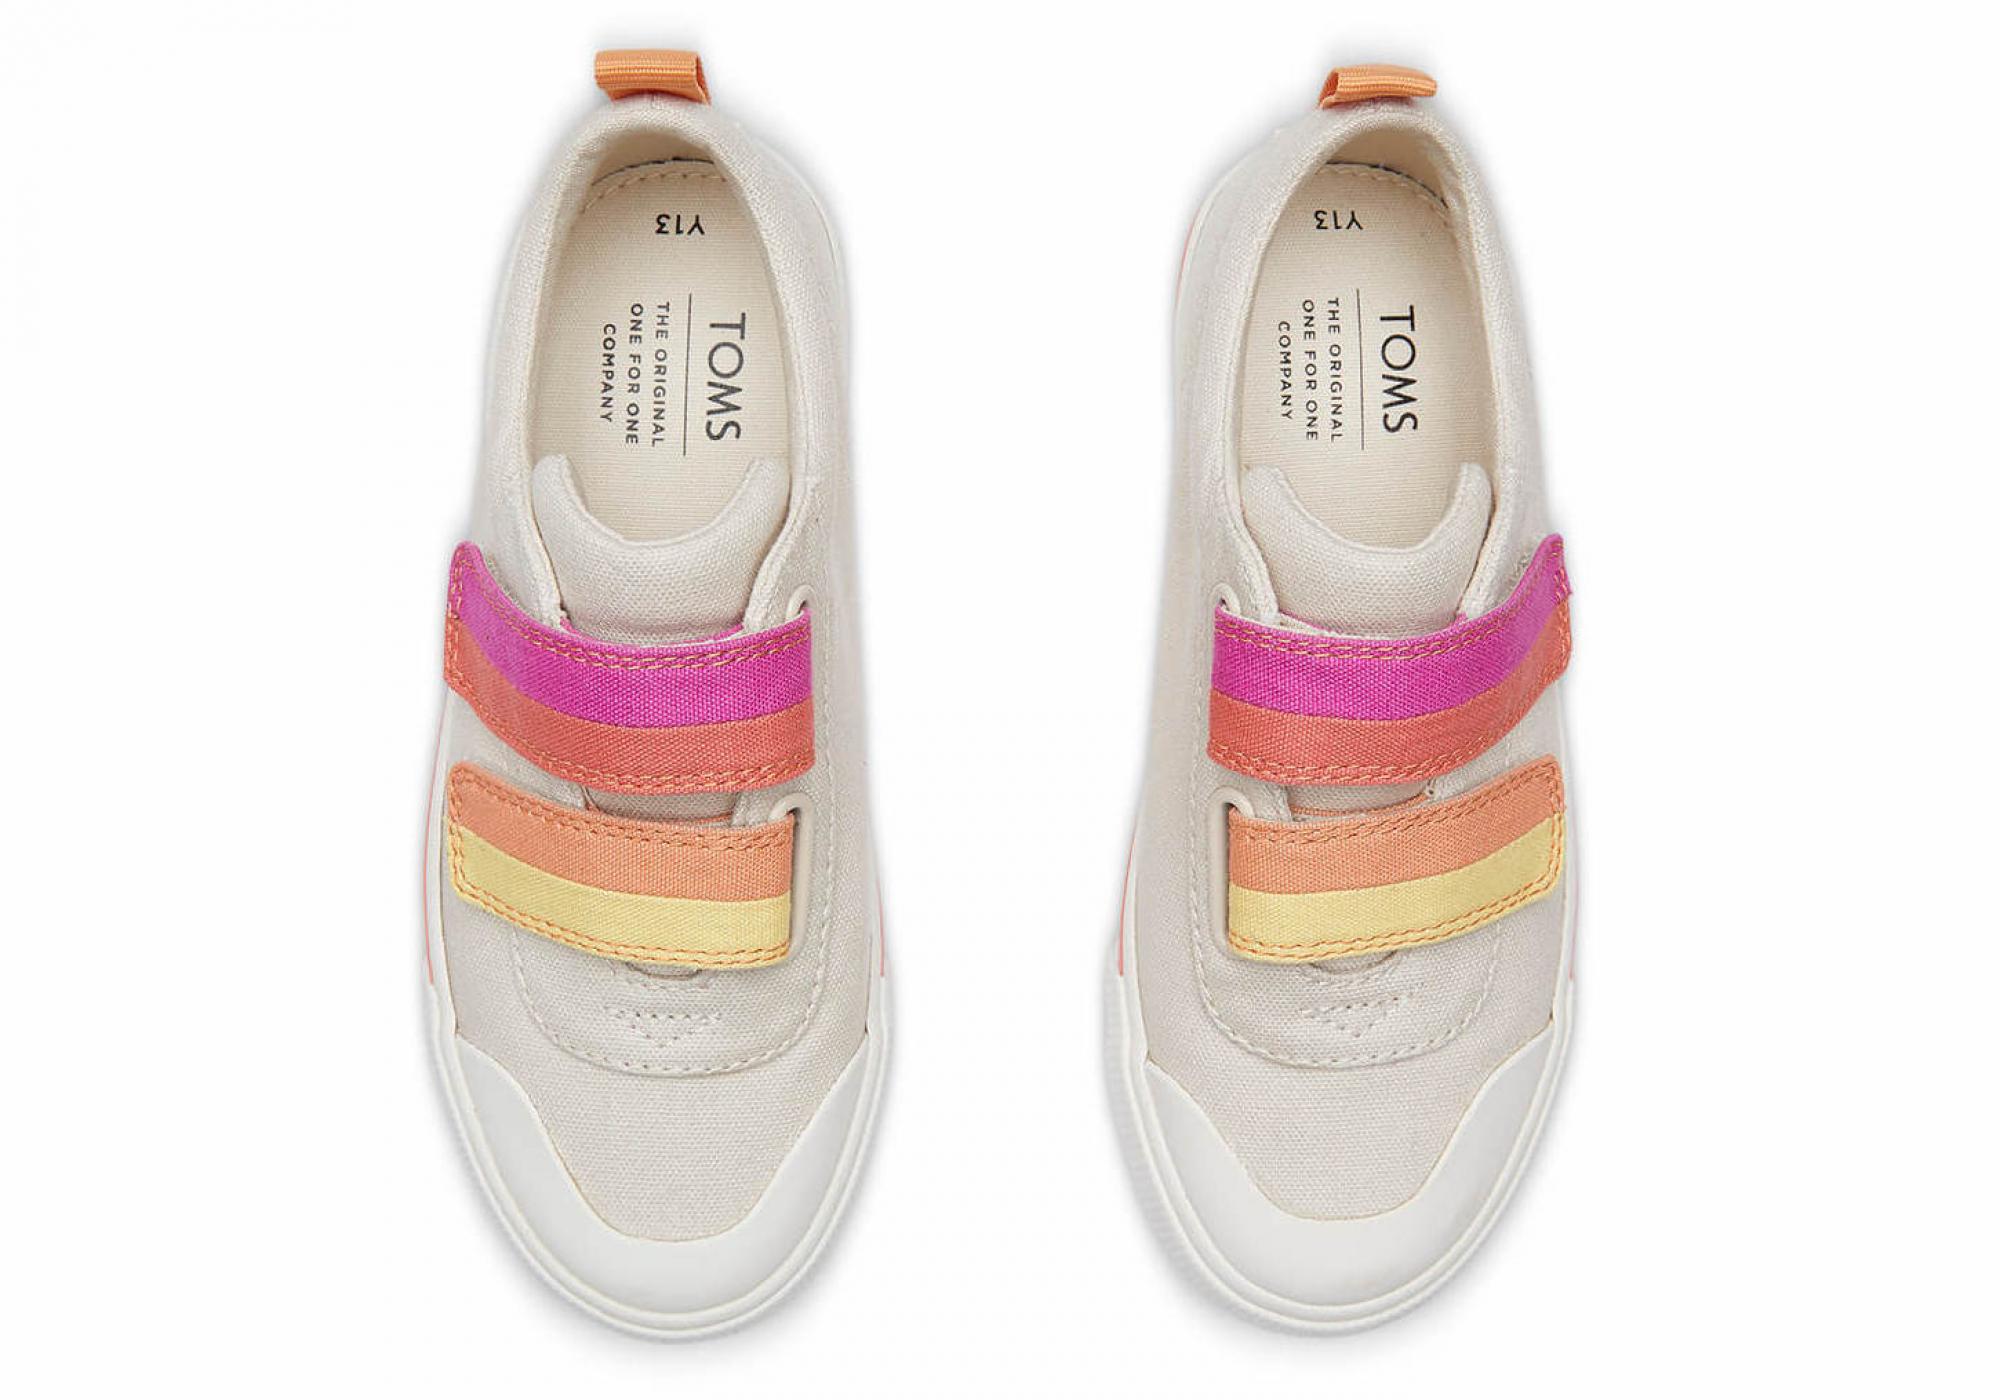 4881137bb5 Dětské béžové tenisky TOMS Youth Doheny Sneakers